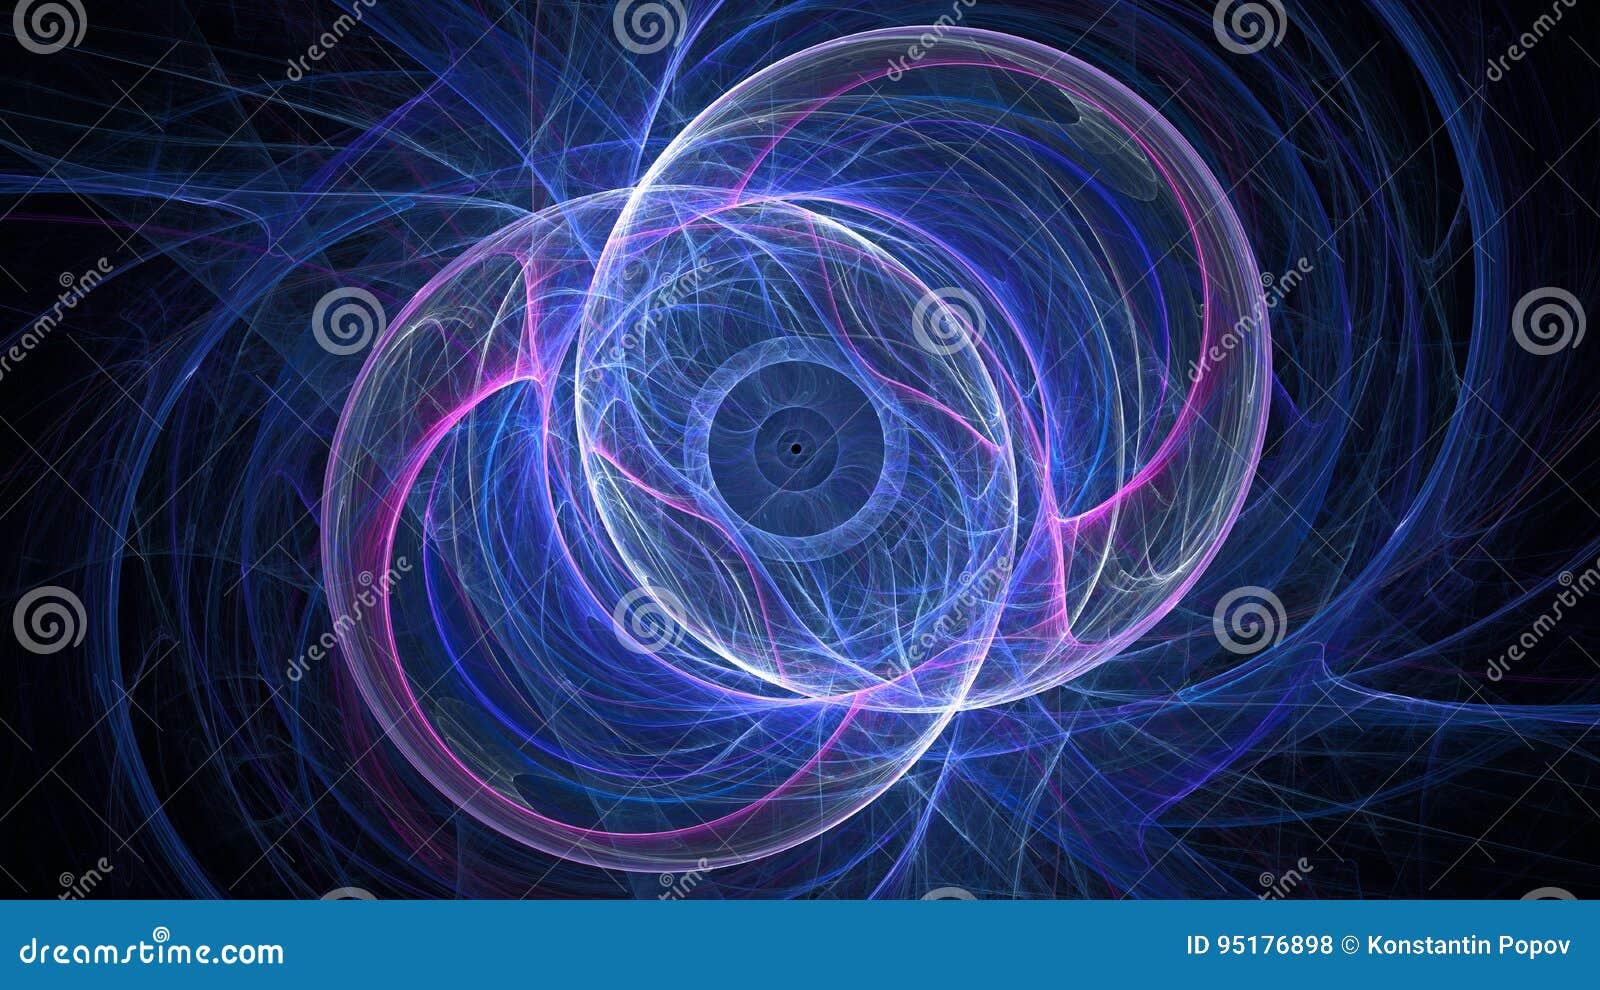 Cosmic Fantasy Fractal Blacklight: Fractal Fantasy Stock Illustration. Illustration Of